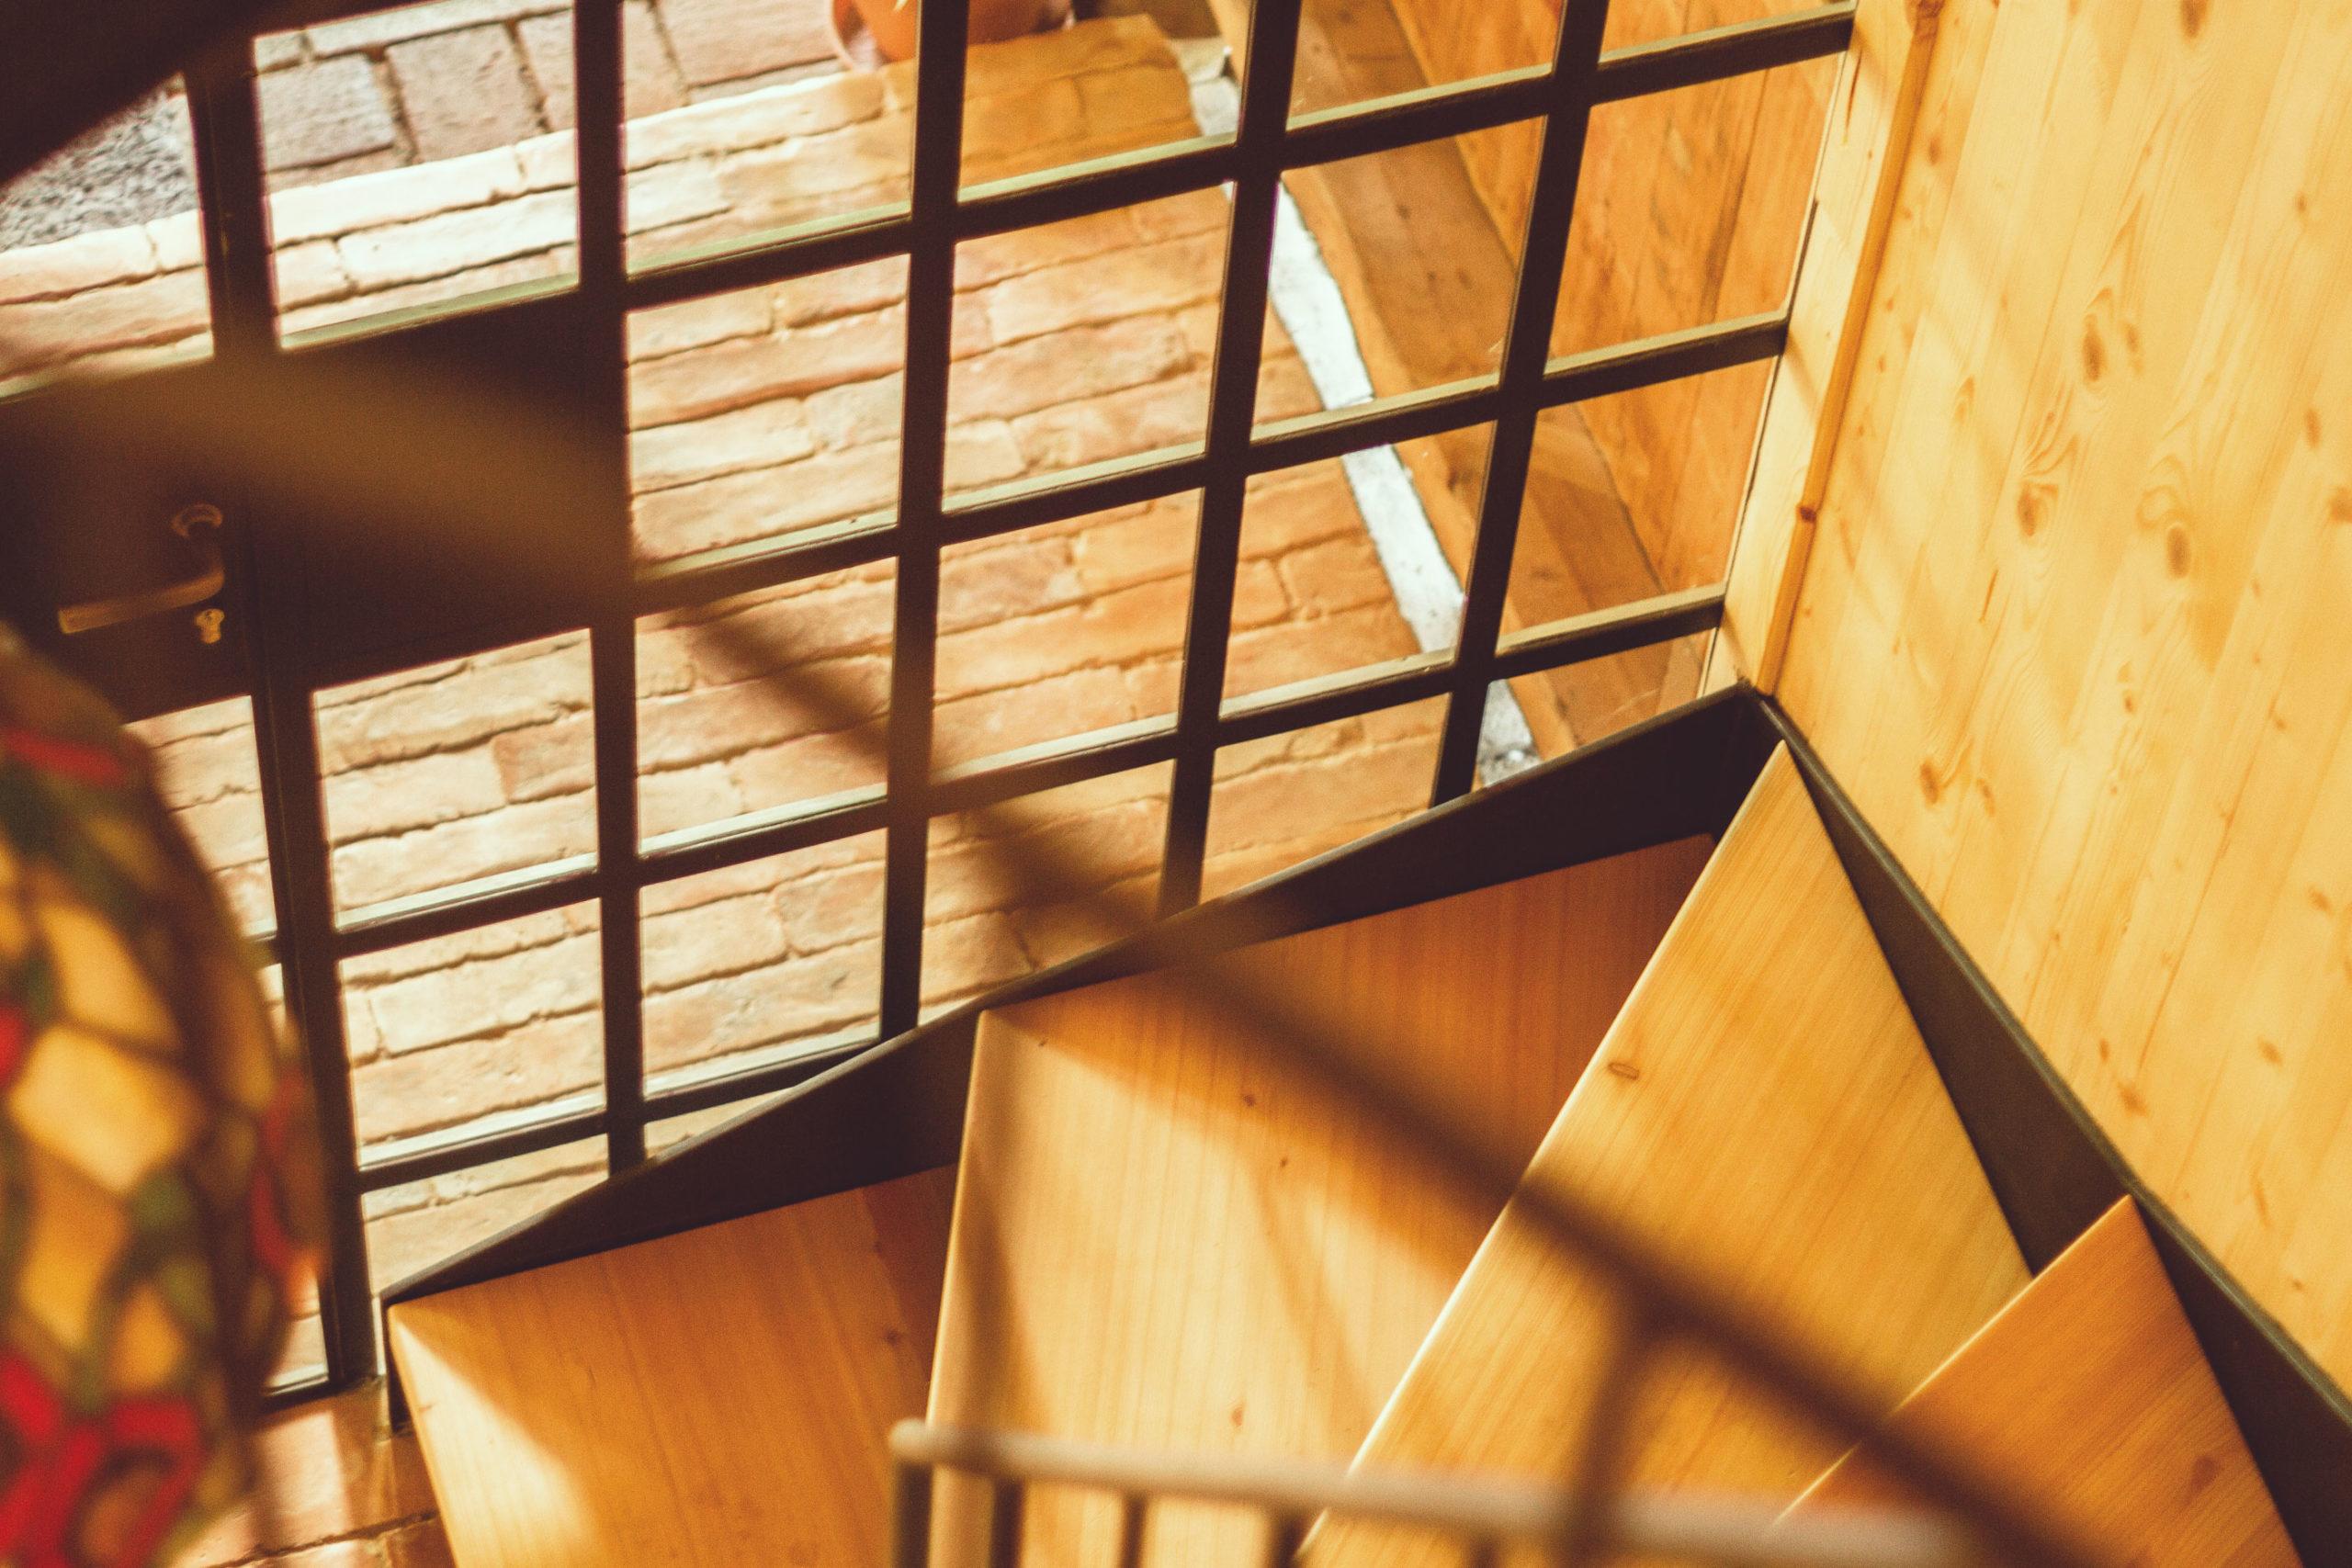 Ferienwohnung Schöne Aussicht Treppenaufgang